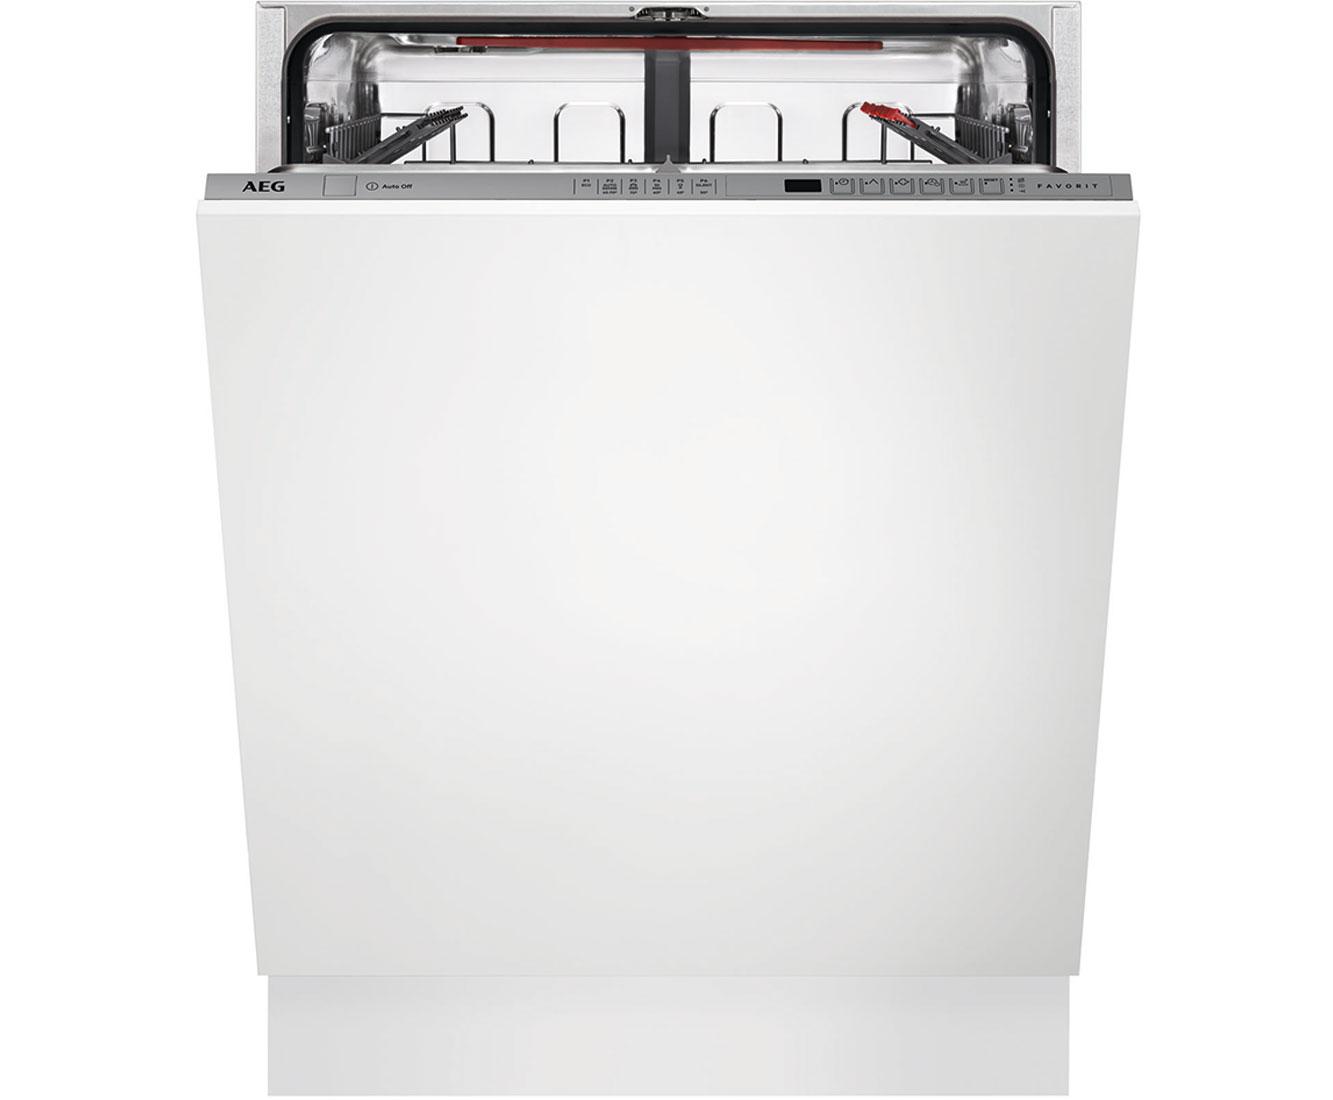 aeg fse63600p preisvergleich 60 cm breite g nstig kaufen bei. Black Bedroom Furniture Sets. Home Design Ideas